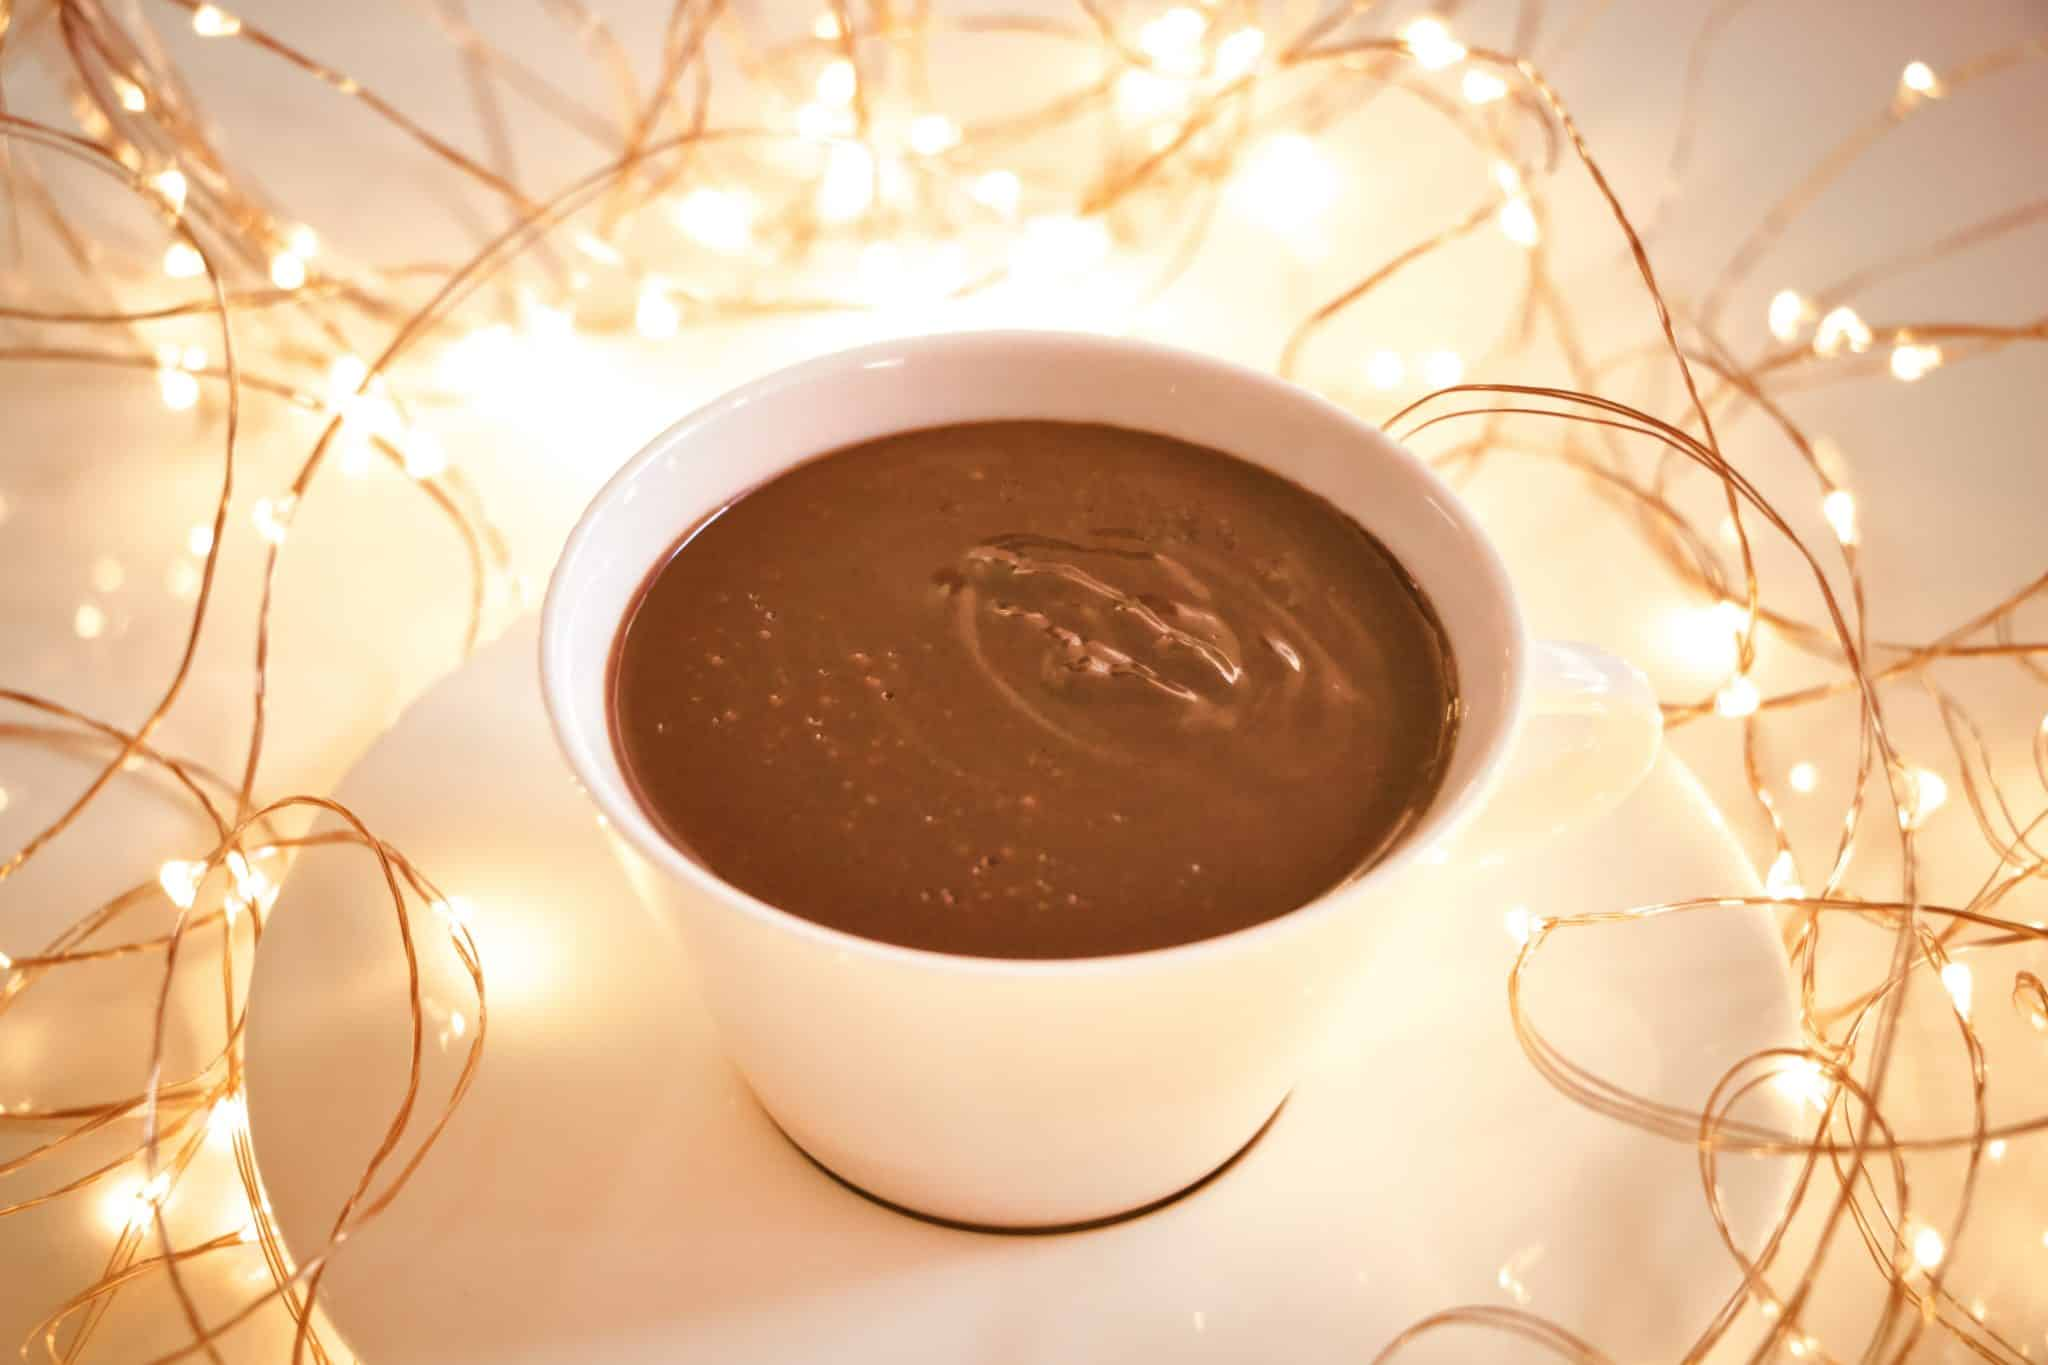 immagine della cioccolata in tazza su biancolievito